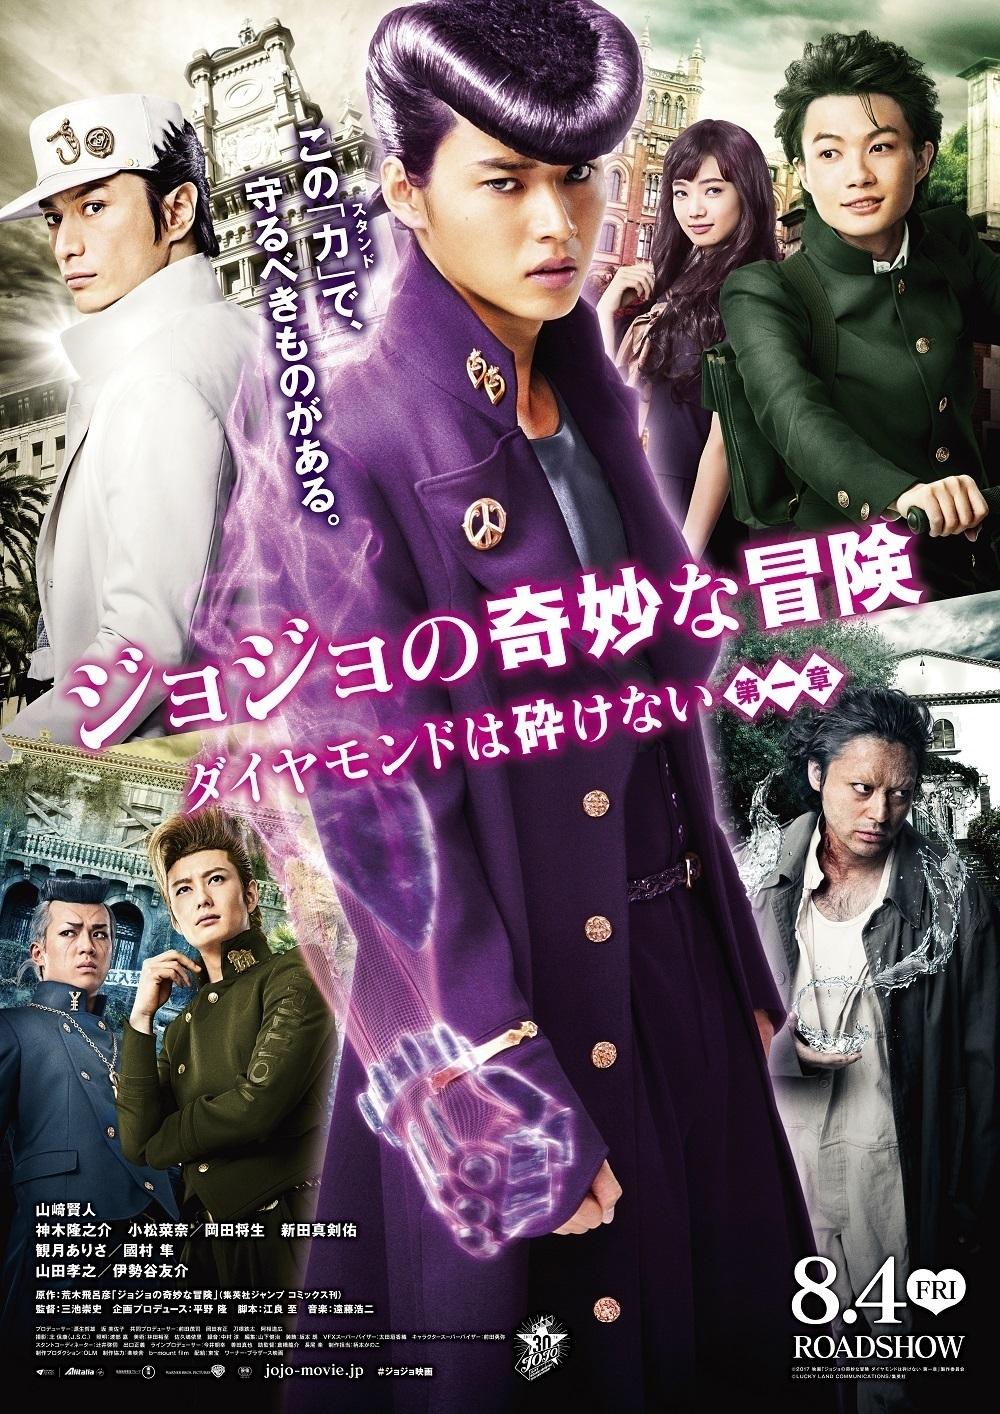 (C)2017 映画「ジョジョの奇妙な冒険 ダイヤモンドは砕けない 第一章」製作委員会(C)LUCKY LAND COMMUNICATIONS/集英社